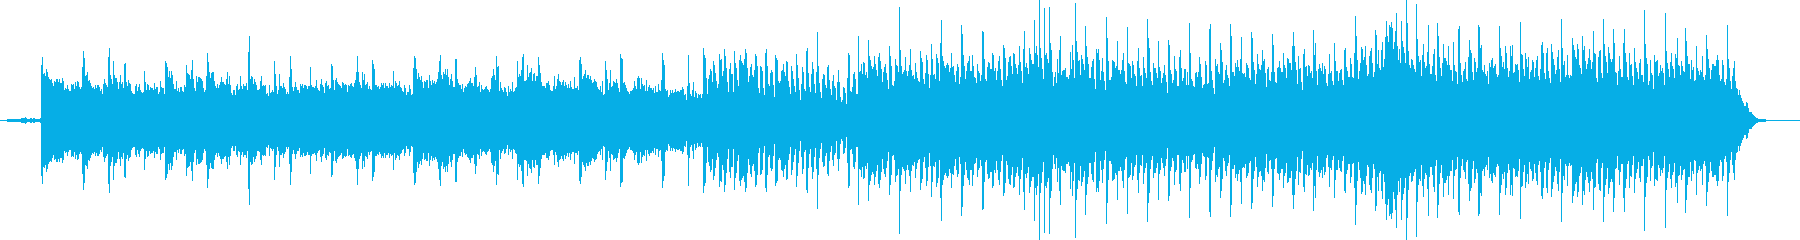 優しいストリングスのバラードの再生済みの波形